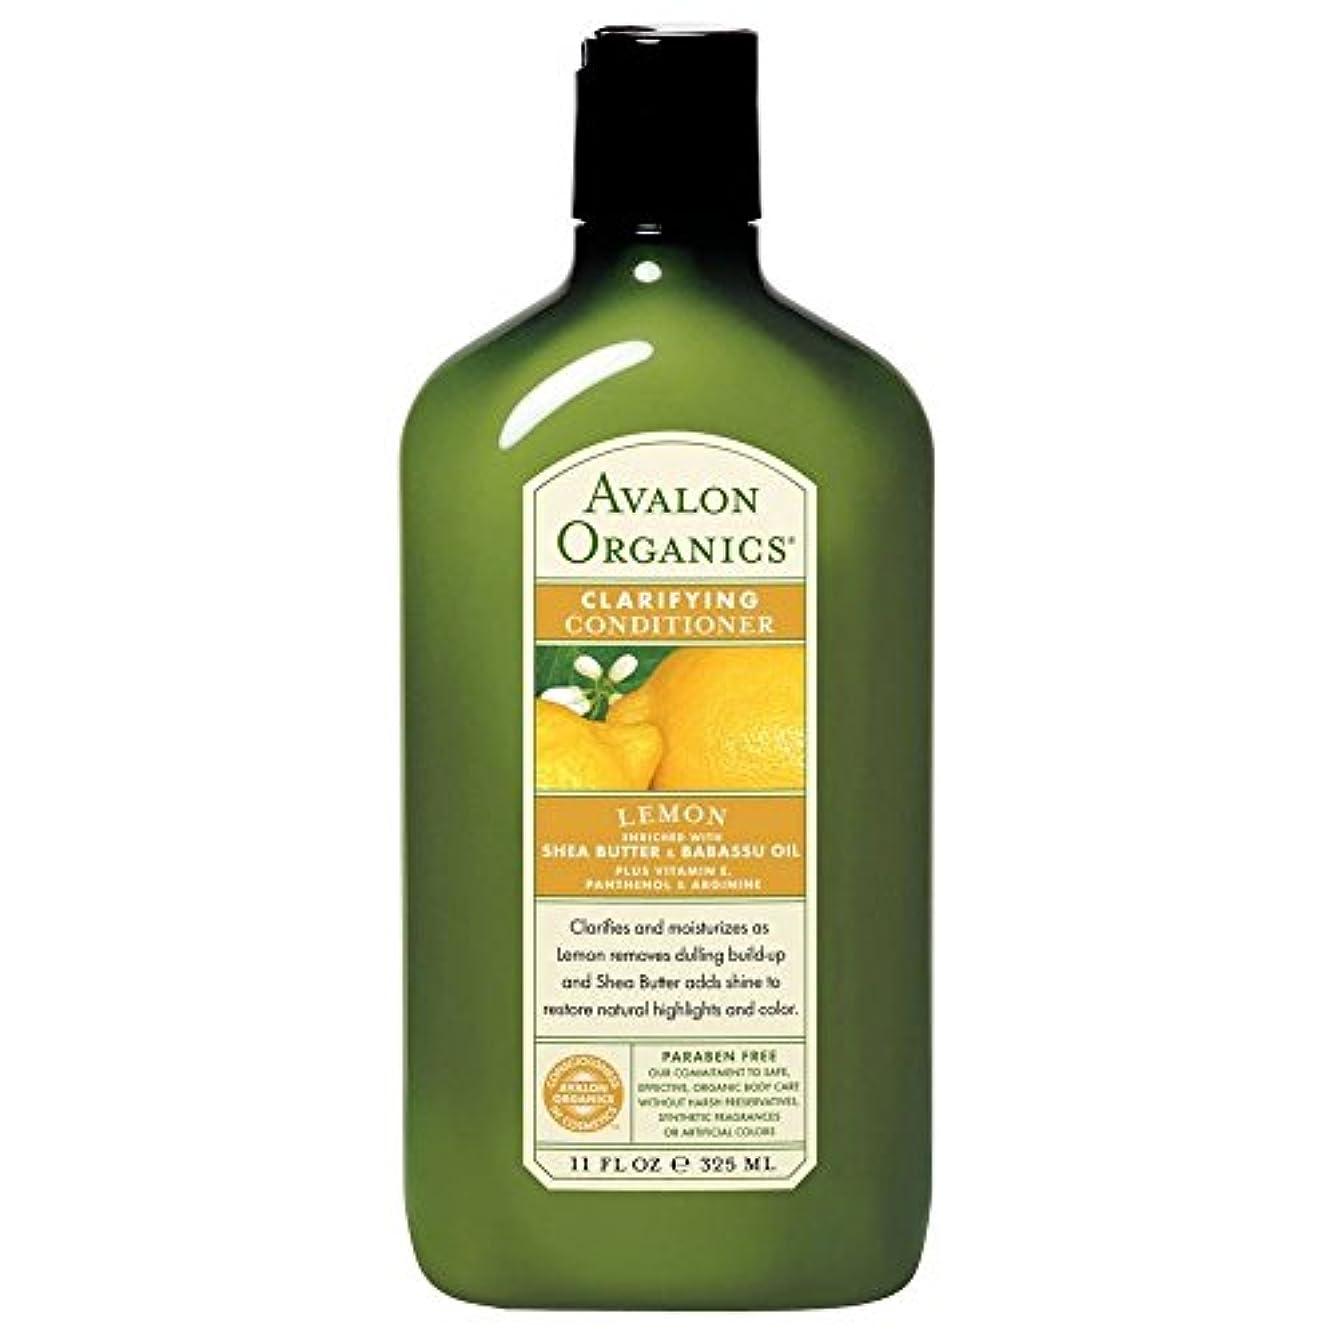 アーティファクト店員伝える[Avalon ] コンディショナーを明確にアバロンの有機物 - レモン(325ミリリットル) - Avalon Organics Clarifying Conditioner - Lemon (325ml) [並行輸入品]